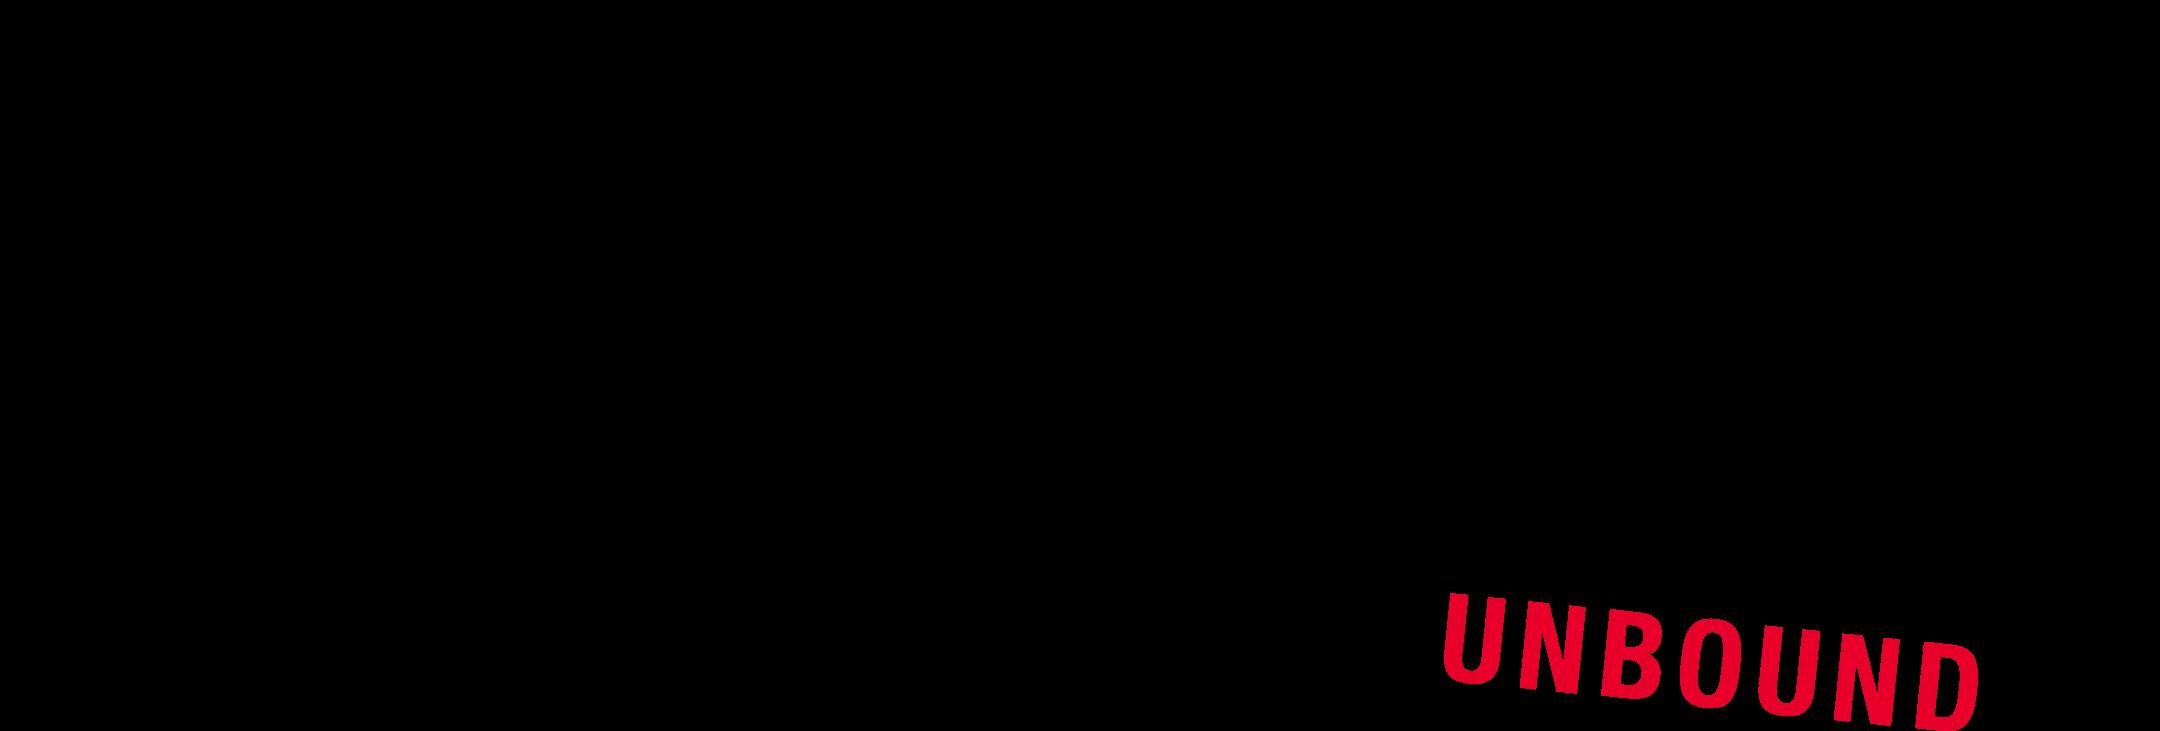 sabian logo 1 1 - Sabian Logo